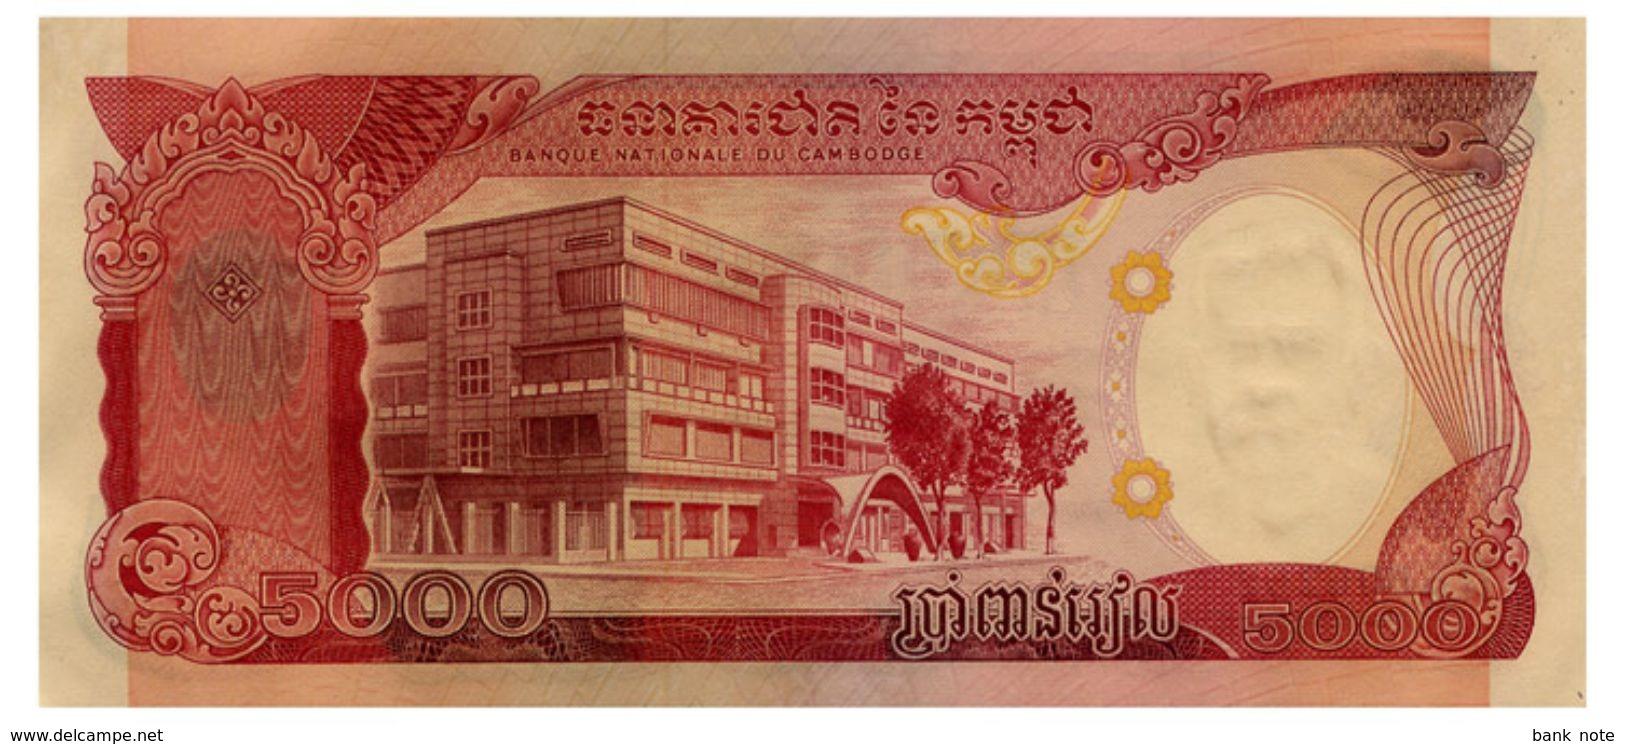 CAMBODIA 5000 RIELS ND(1974) Pick 17A AUnc - Cambodia